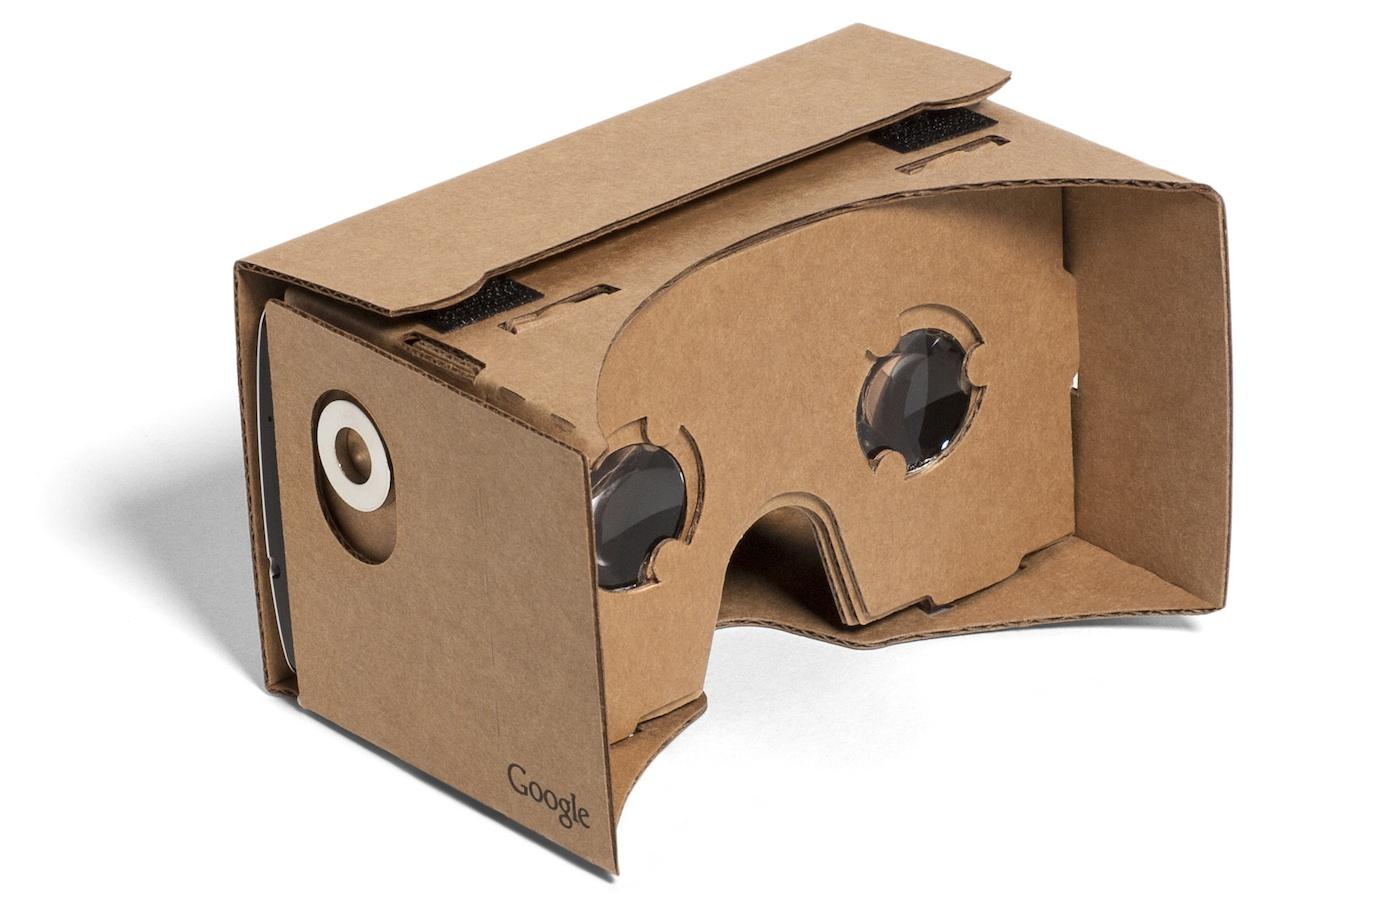 VR-AR в браузере. Как быстро влиться и сделать свое первое приложение, используя WebVR API - 8